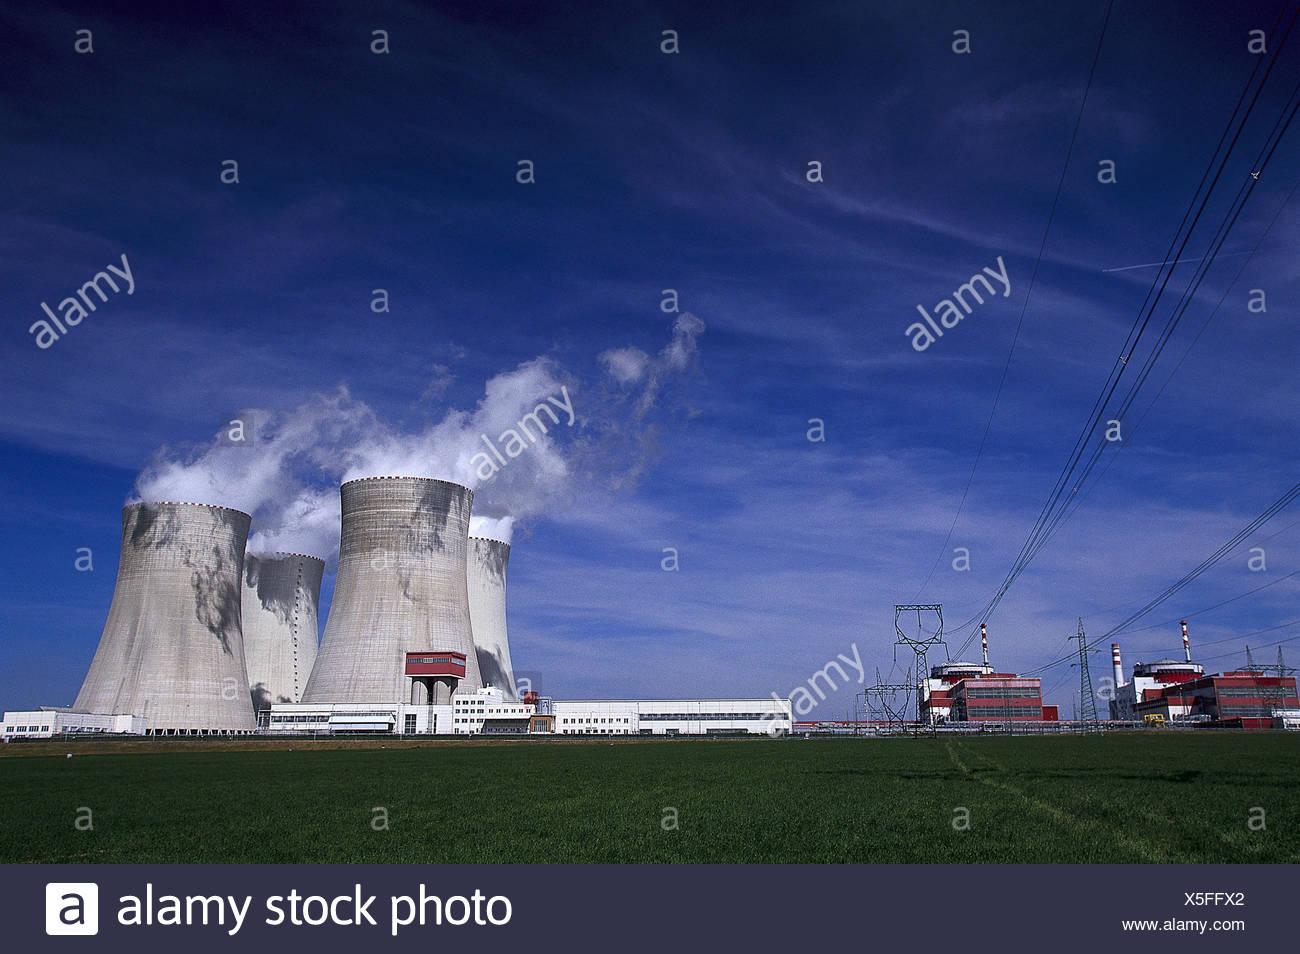 Tschechische Republik, Südböhmen,  Temelin, Atomkraftwerk, Kühltürme  Europa, Osteuropa, Tschechien, Ceská Republika, Böhmen, Stadt, Wirtschaft, Energiewirtschaft, Kraftwerk, Energieerzeugung, Energiegewinnung, Kernspaltung, Dampfkraftwerk, Kernkraftwerk, Radioaktivität - Stock Image